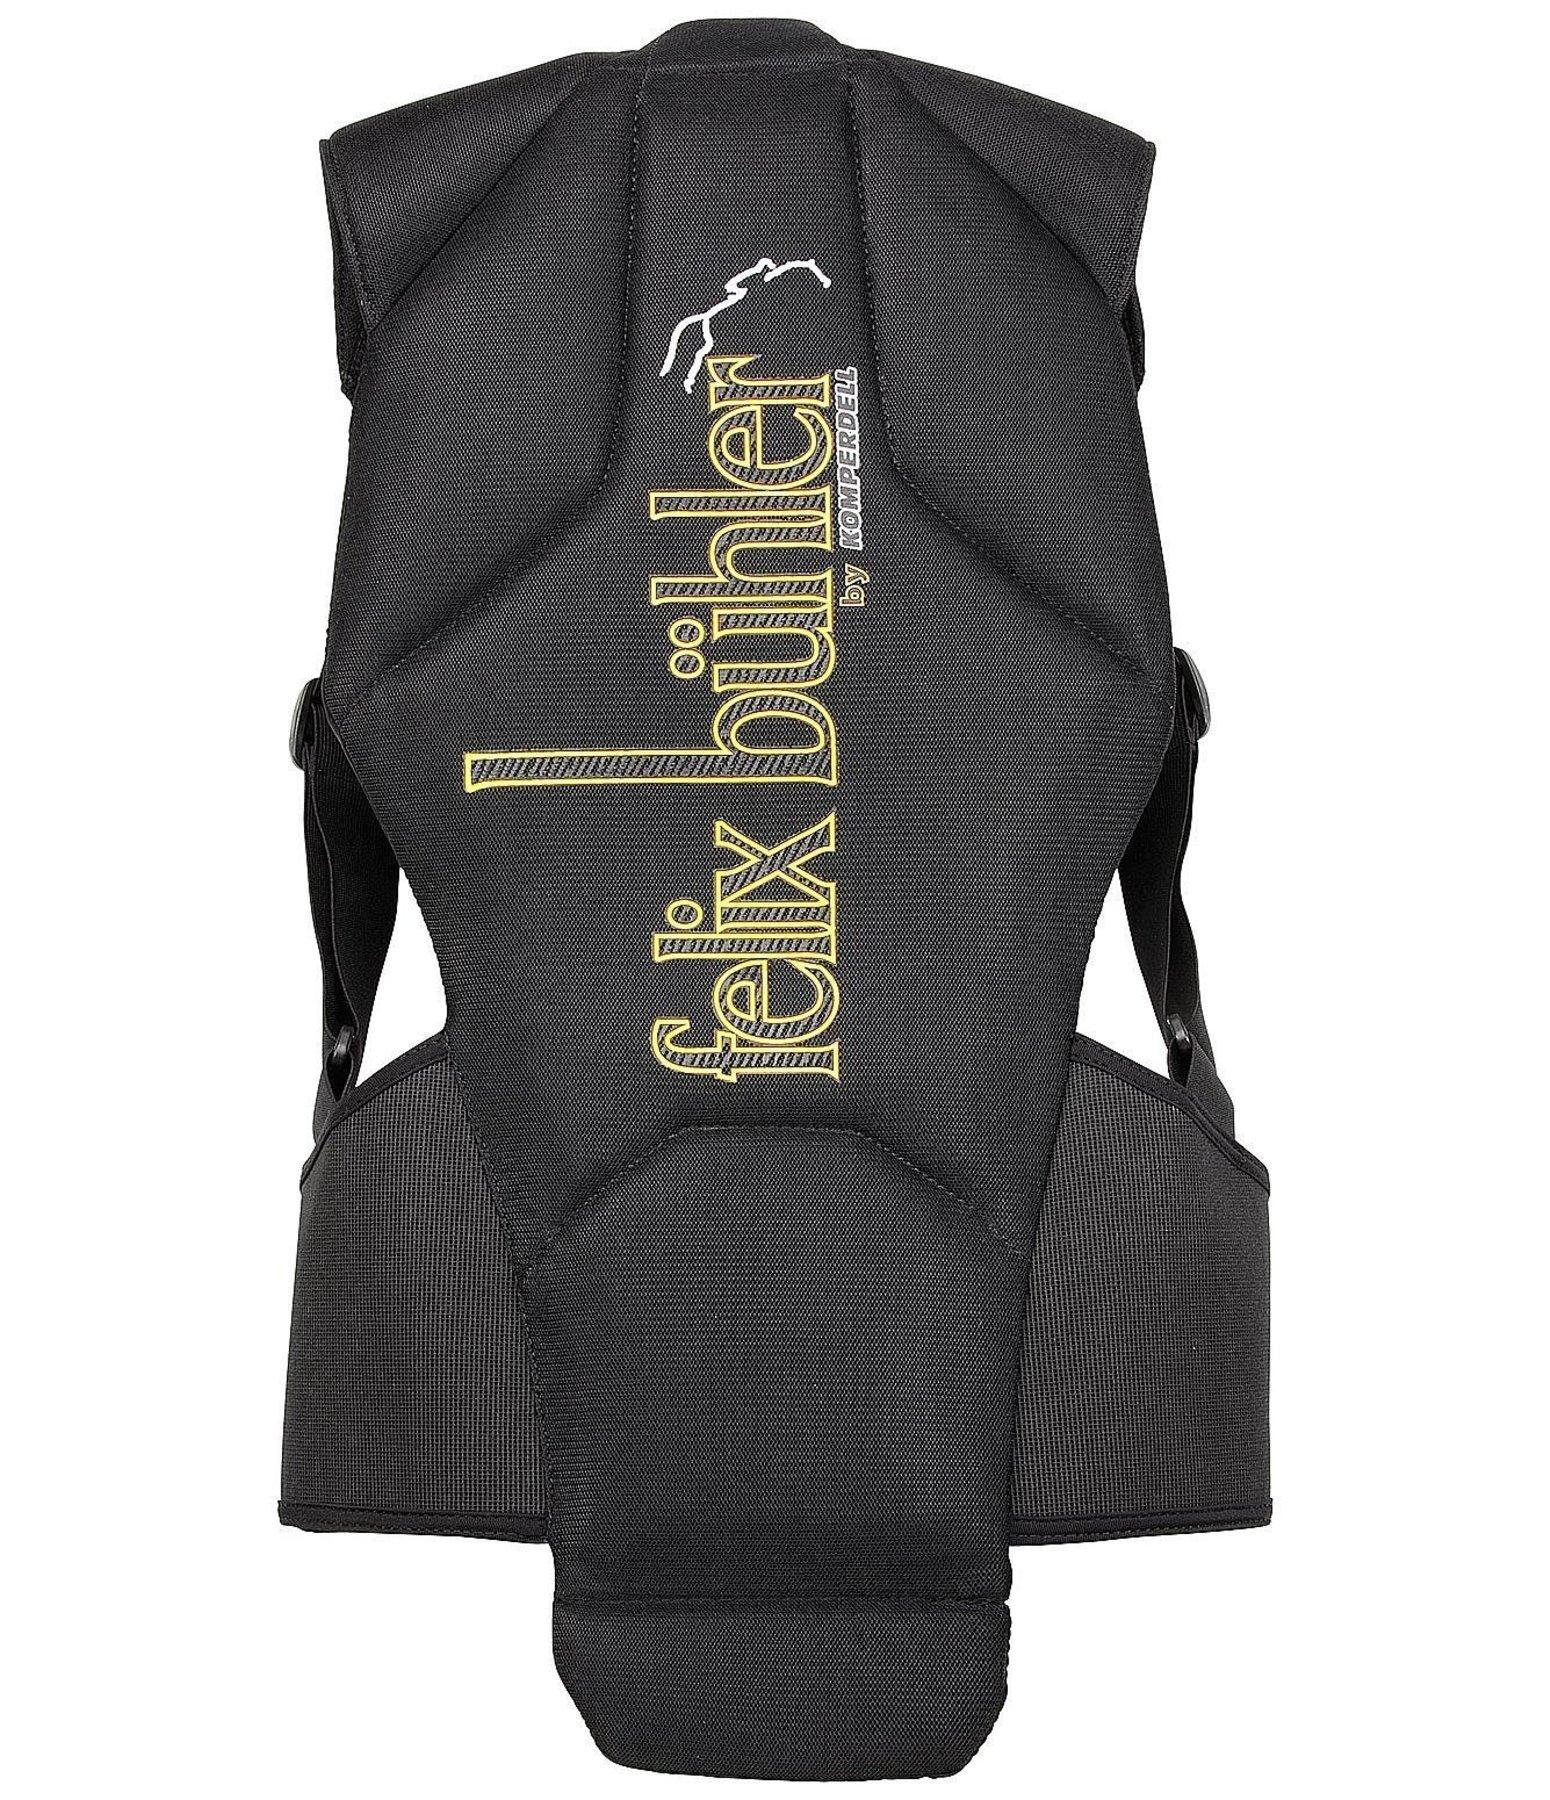 protecteur dorsal cross iv prot ge dos kramer equitation. Black Bedroom Furniture Sets. Home Design Ideas